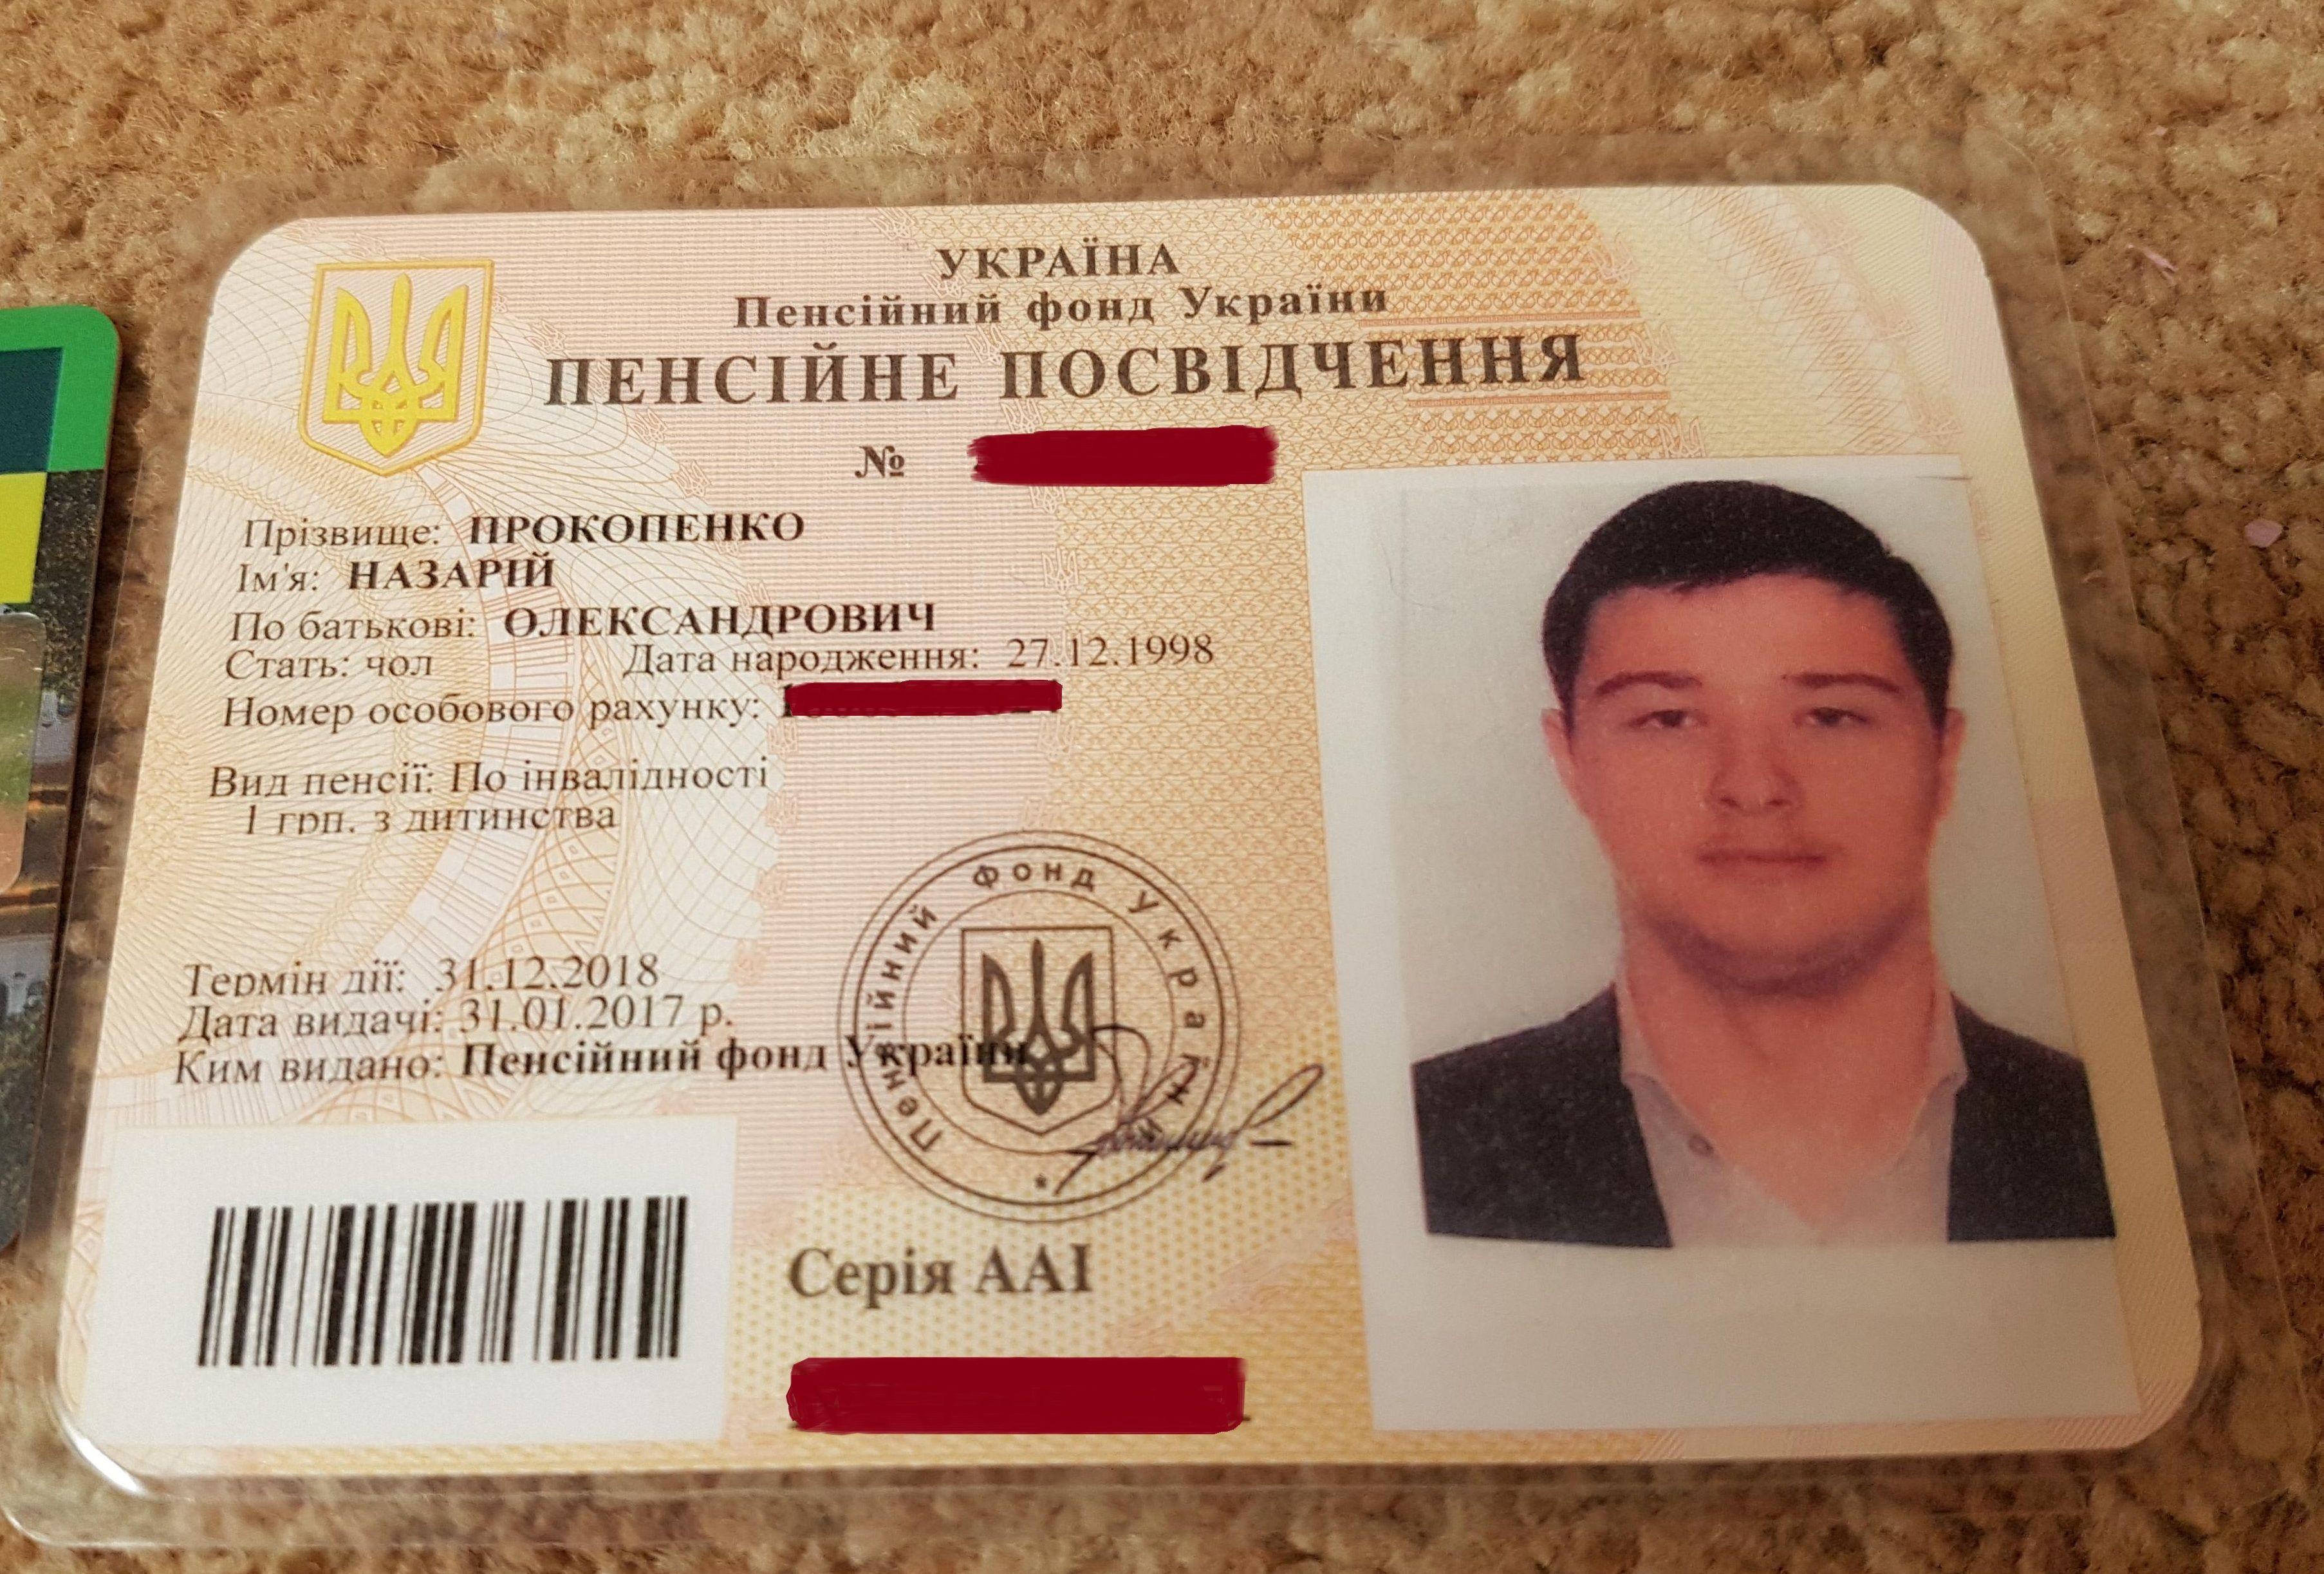 Назар Прокопенко